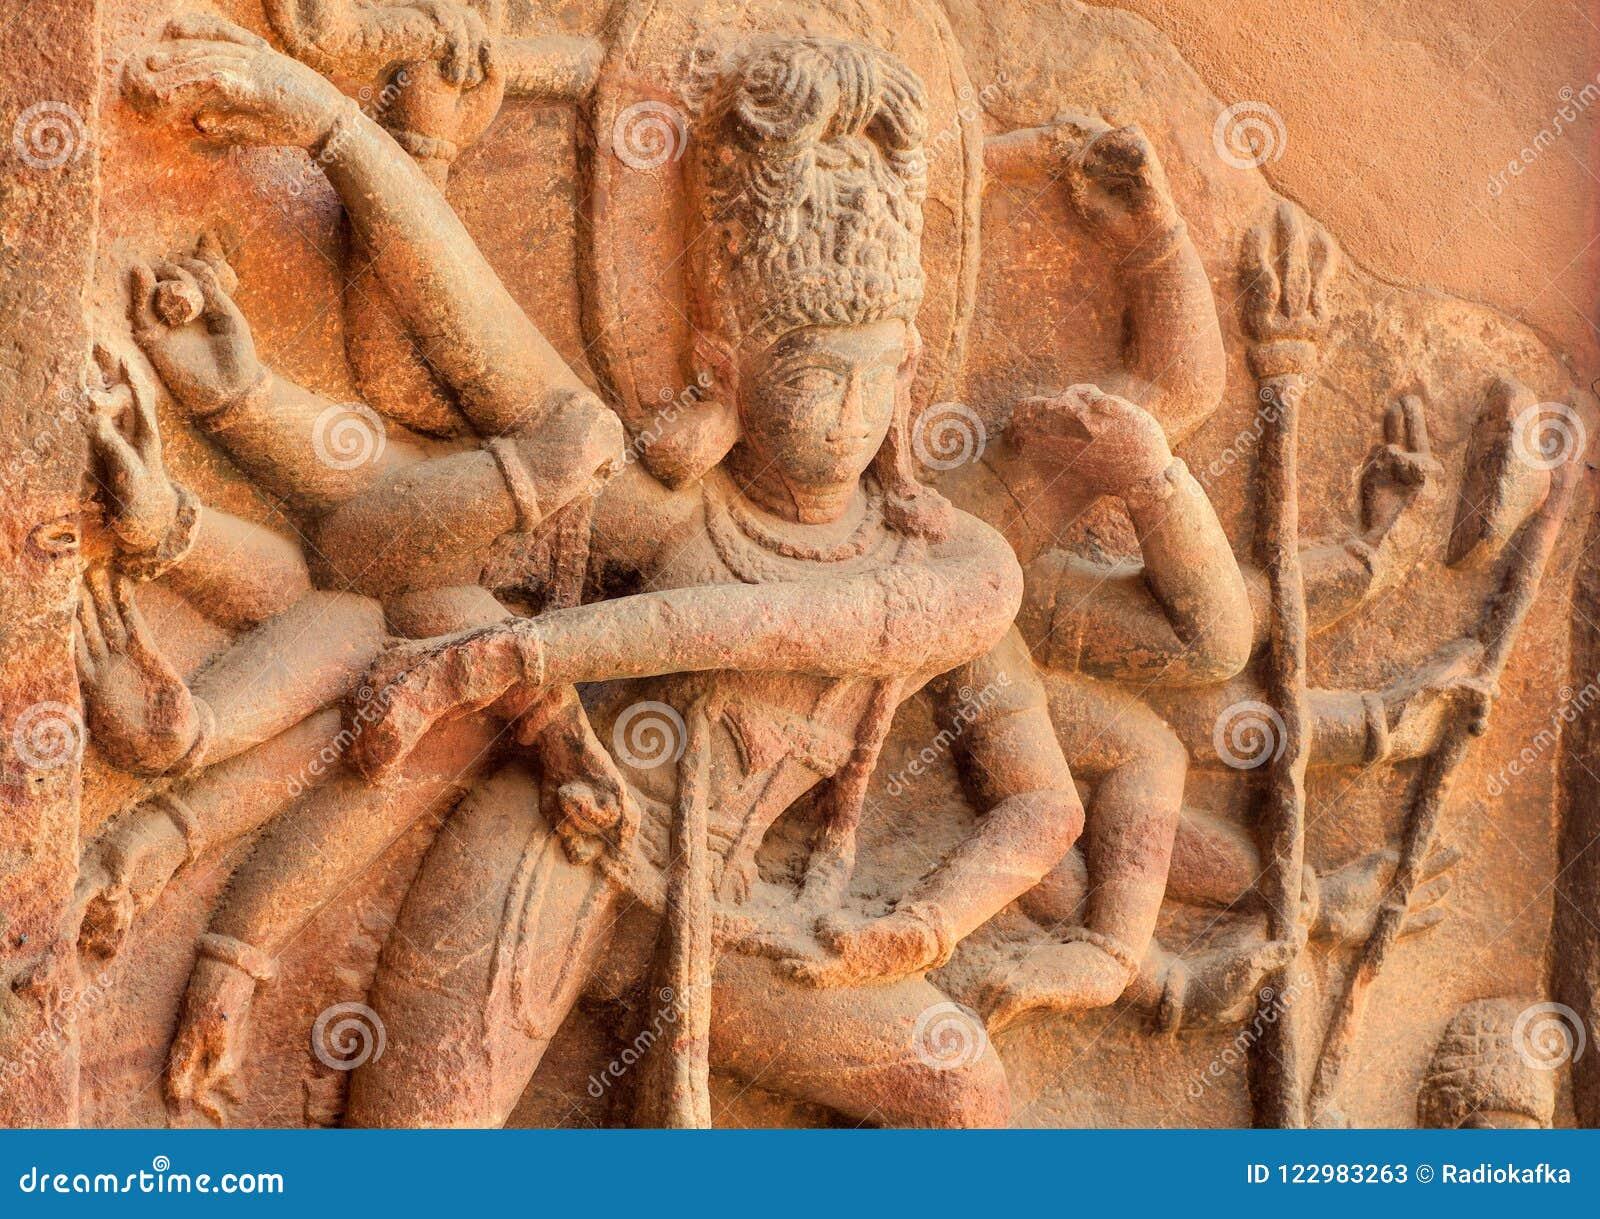 Ejemplo de ilustraciones indias a partir del siglo VI, alivio de baile de Shiva dentro del templo hindú antiguo, la India